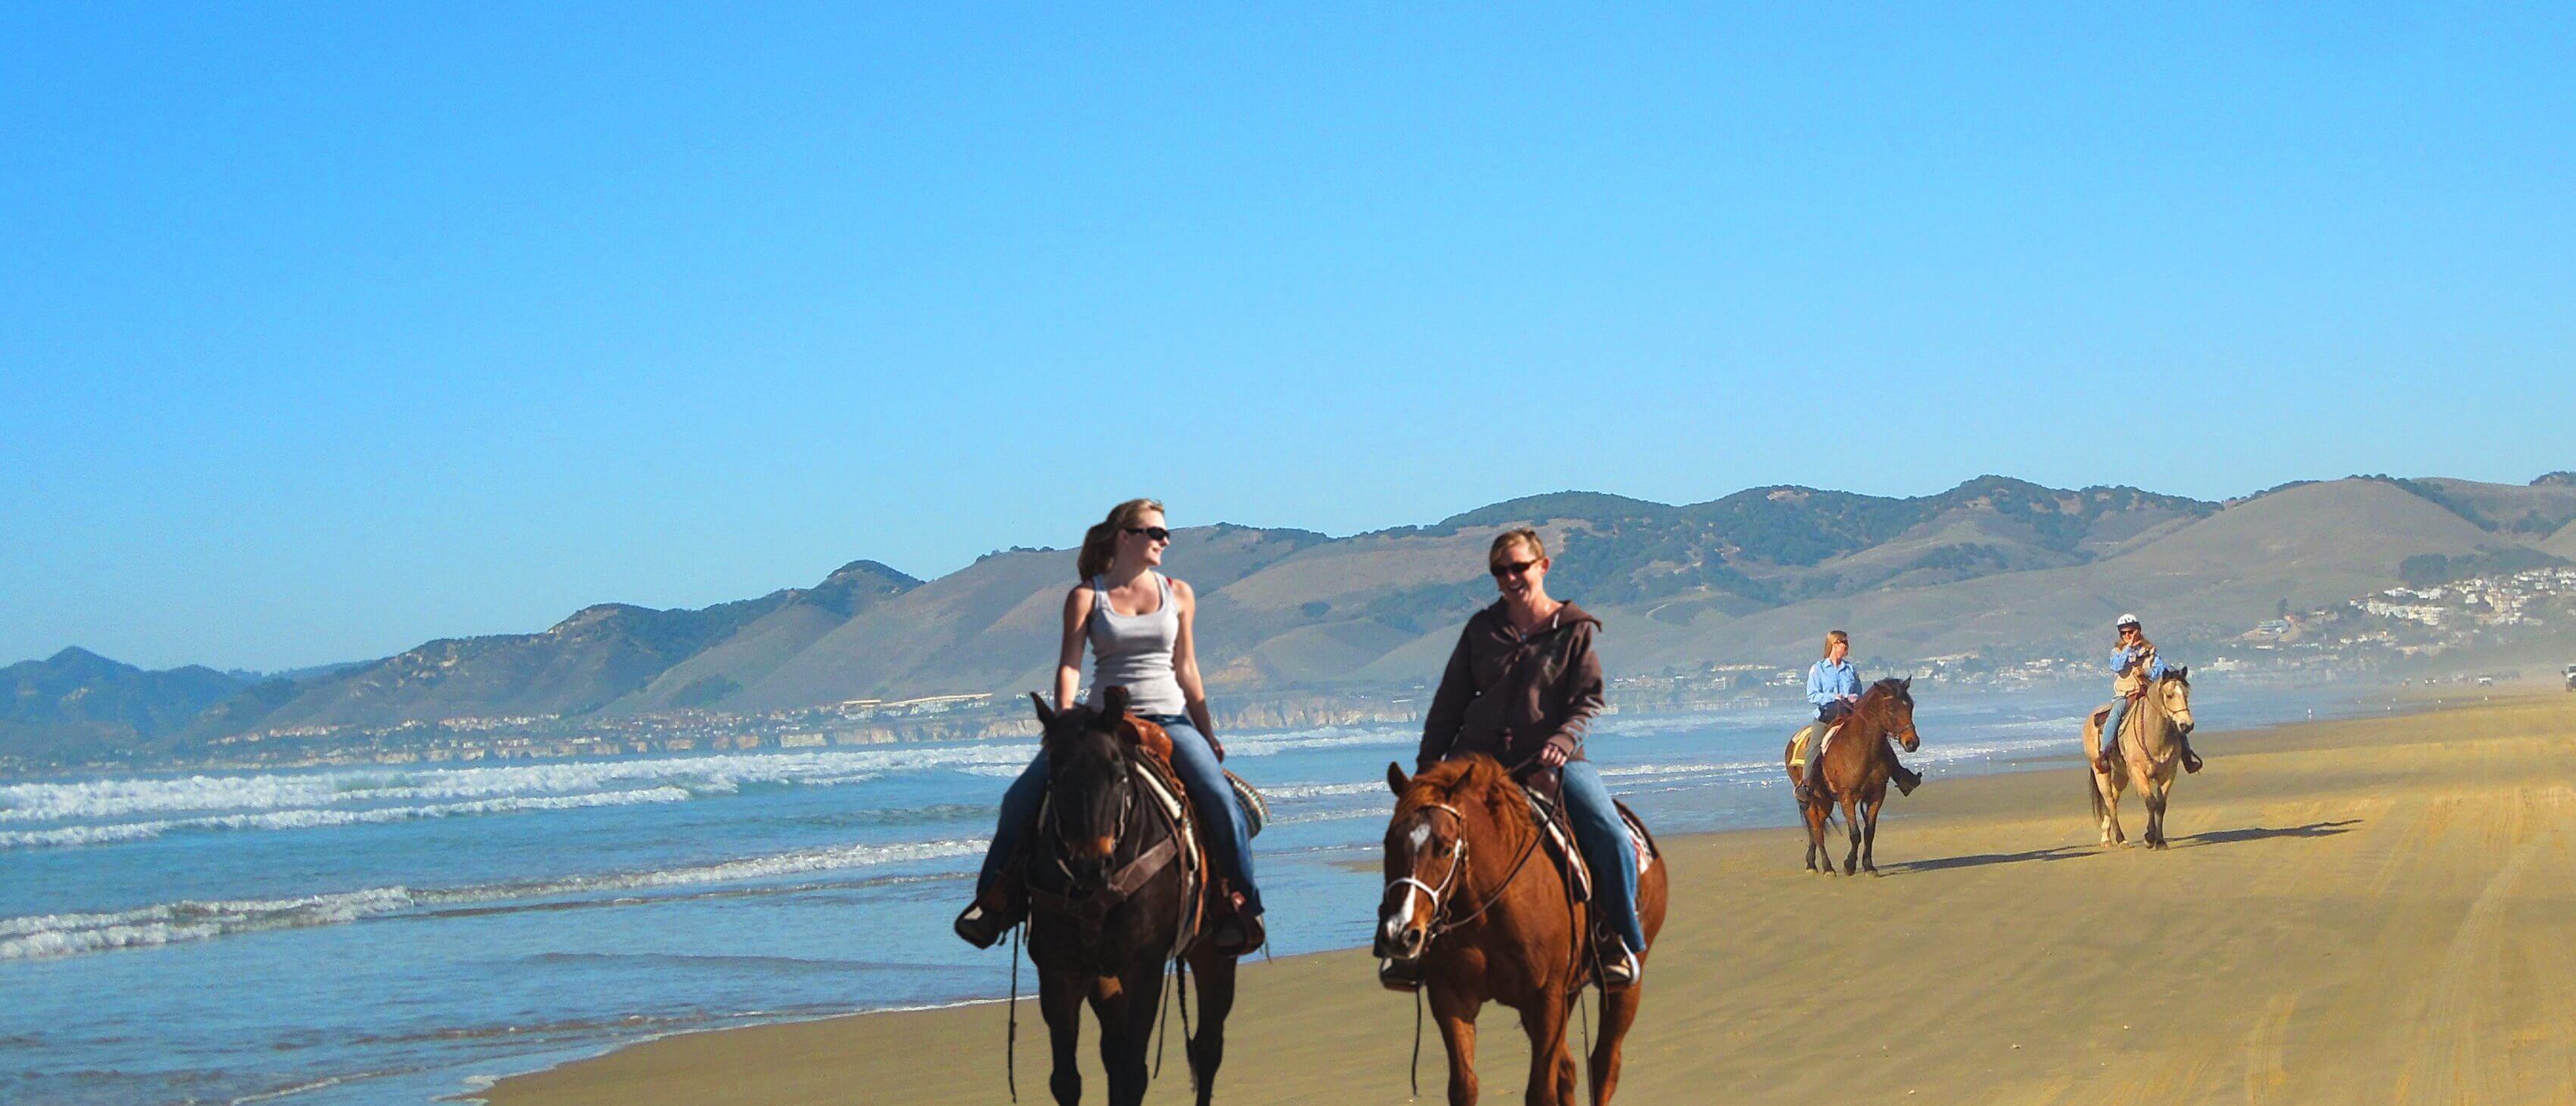 equitation-monter-a-cheval-dans-la_region-de-san-francisco